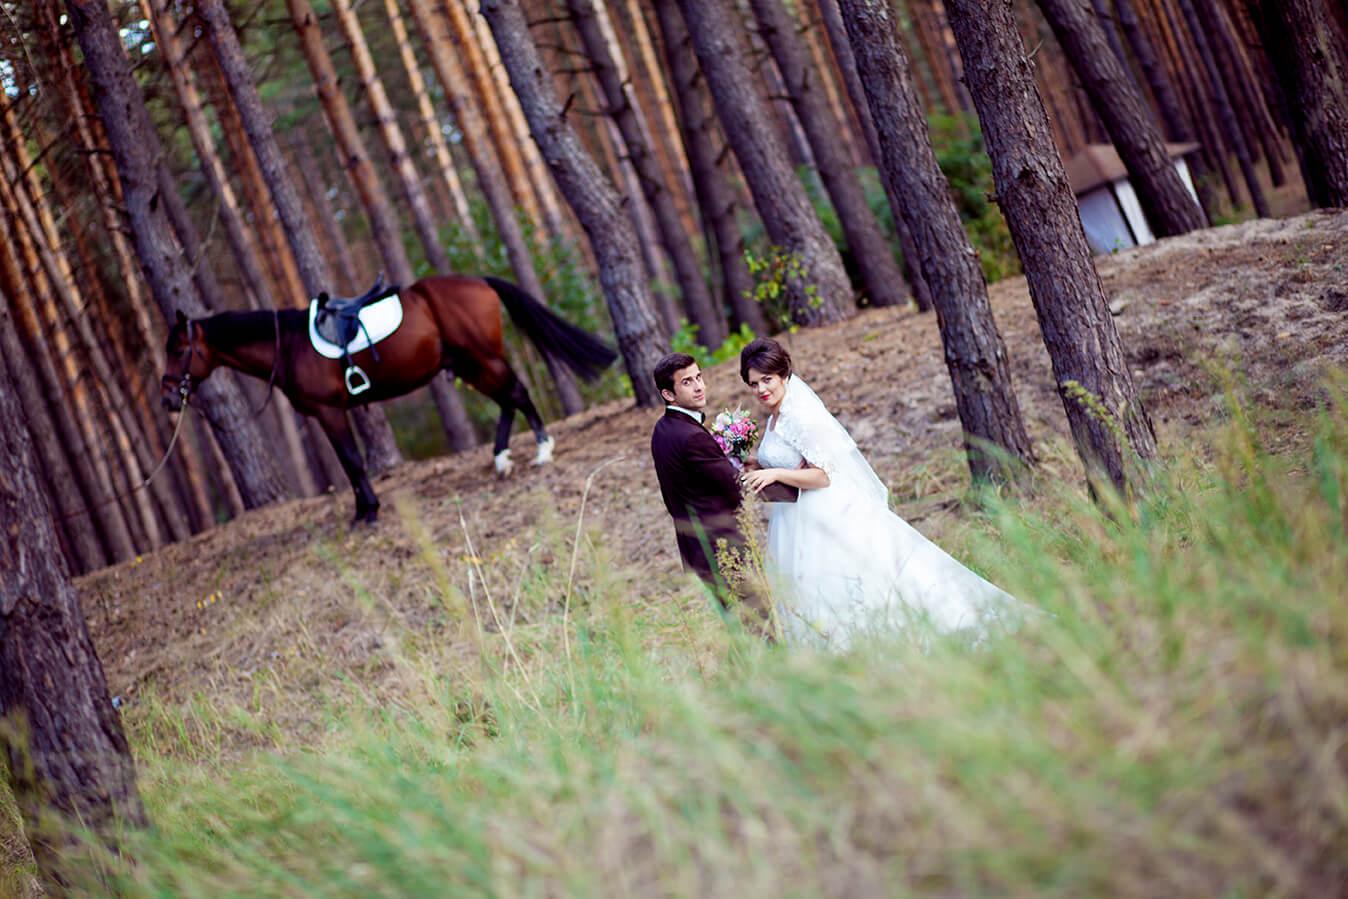 7-konnaja-fotosessija-kiev-semejnyj-detskij-svadebnyj-fotograf-9